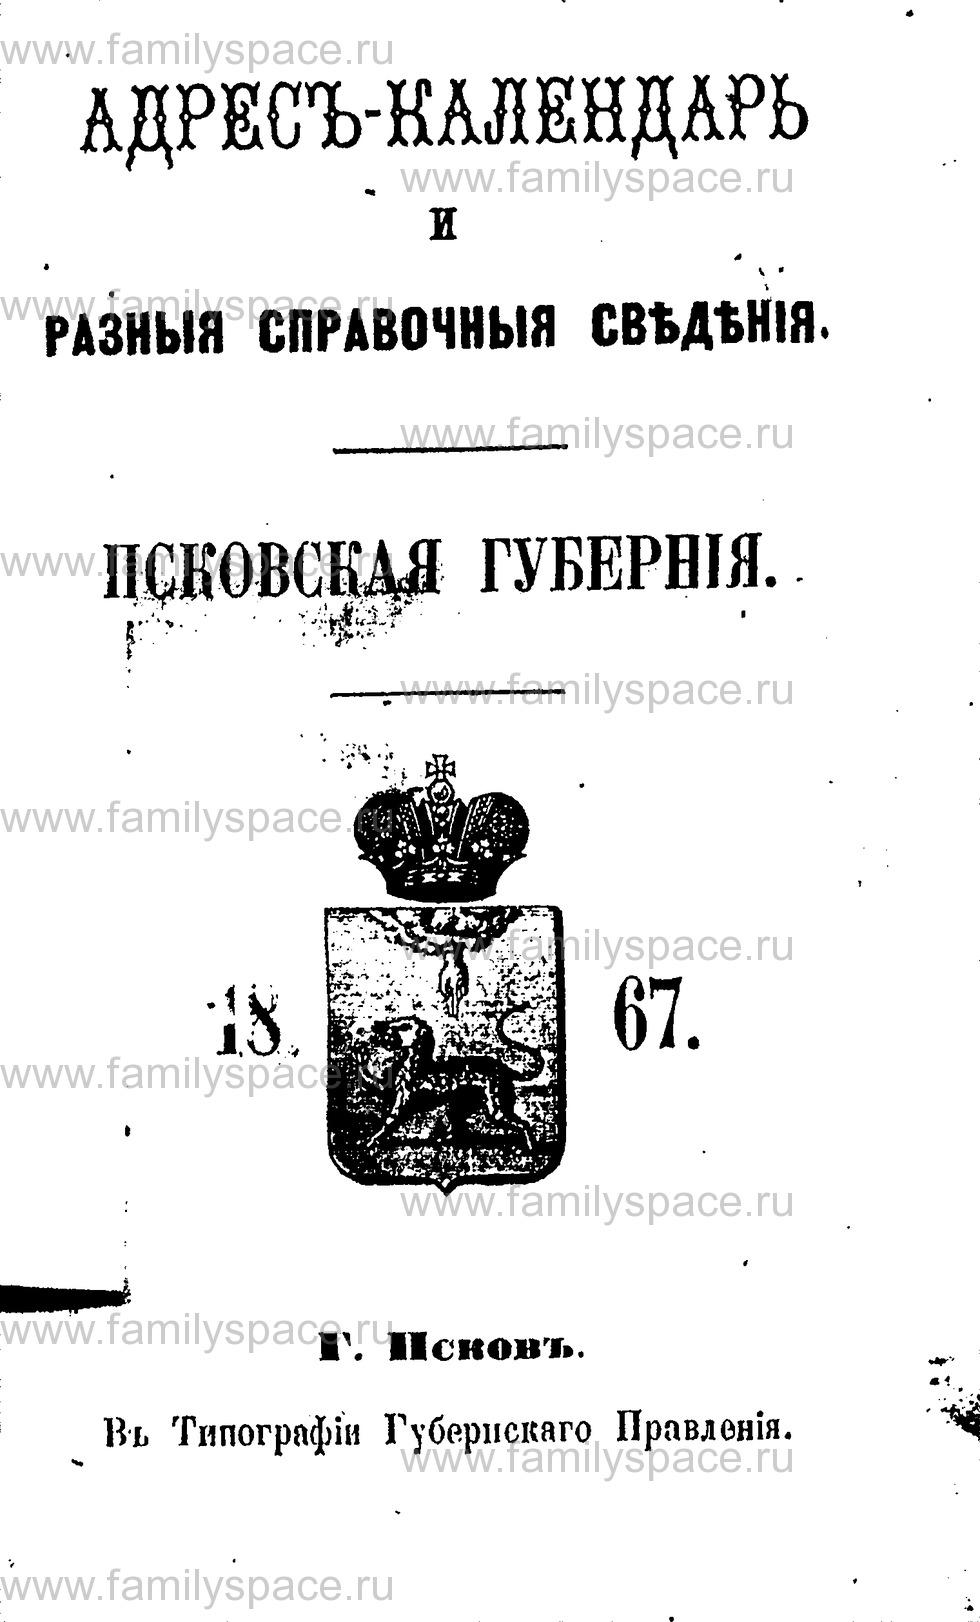 Поиск по фамилии - Адрес-календарь Псковской губернии на 1867 г, страница 1